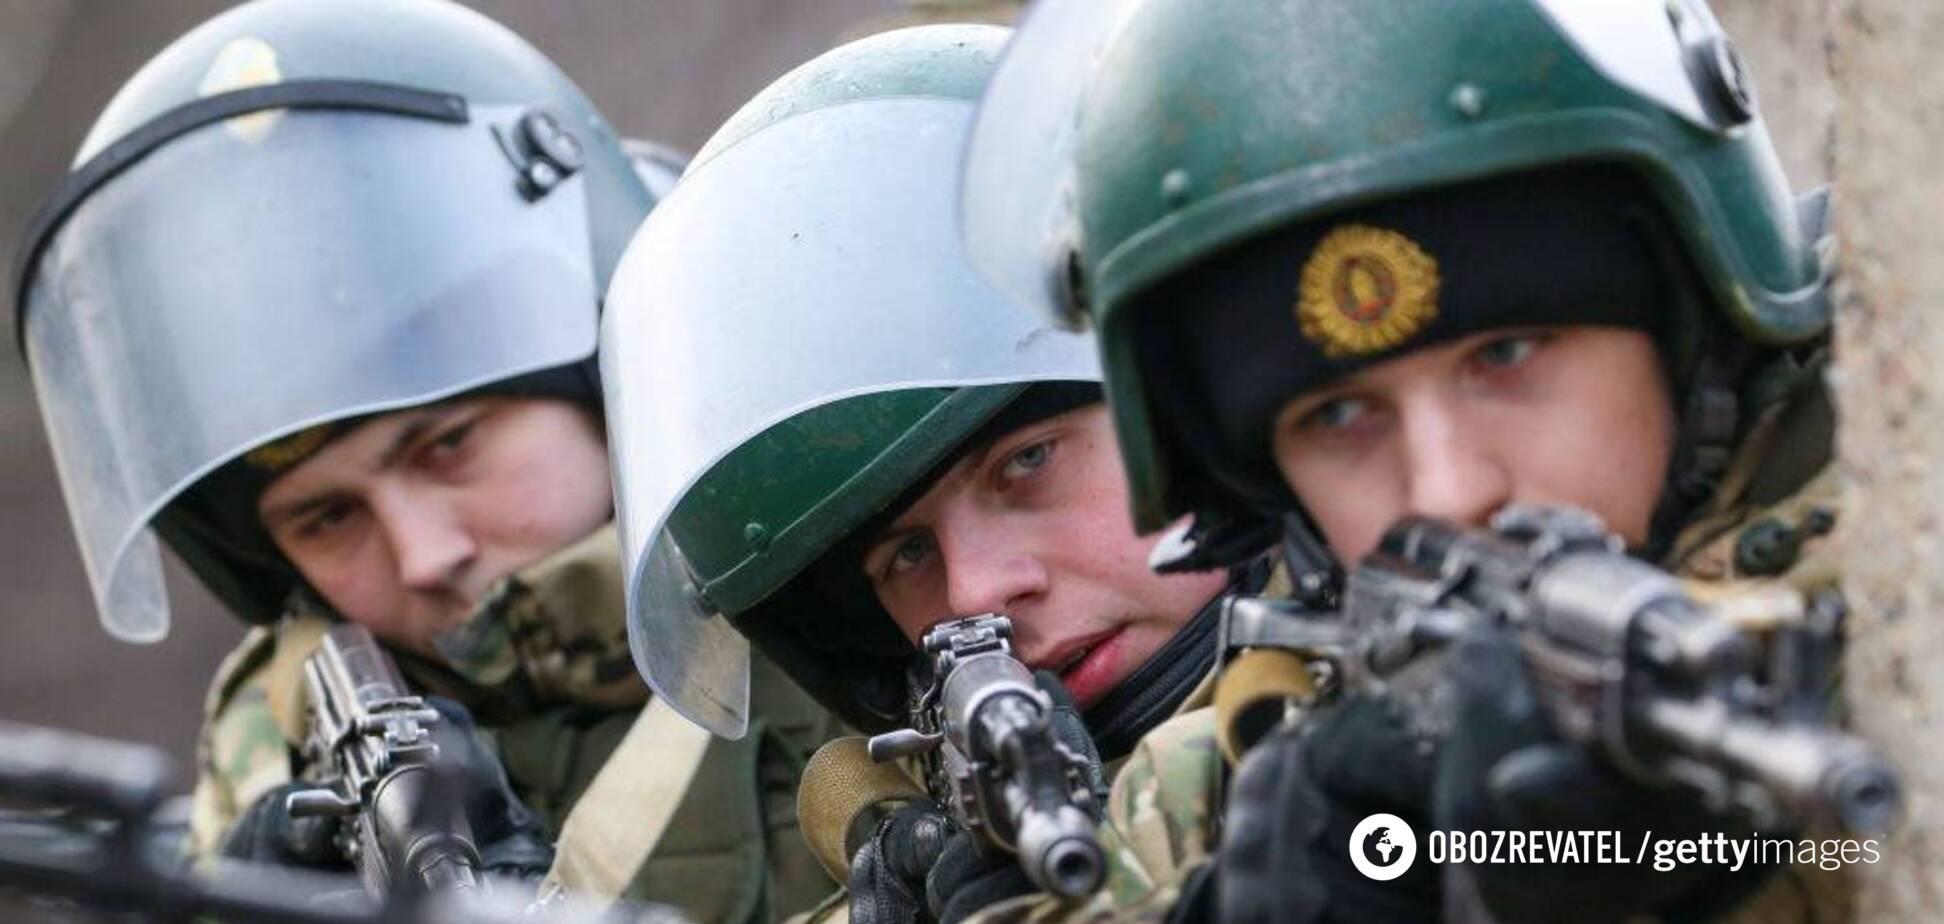 В Беларуси задержали 33 боевика из российской ЧВК Вагнера: требуют официальных объяснений